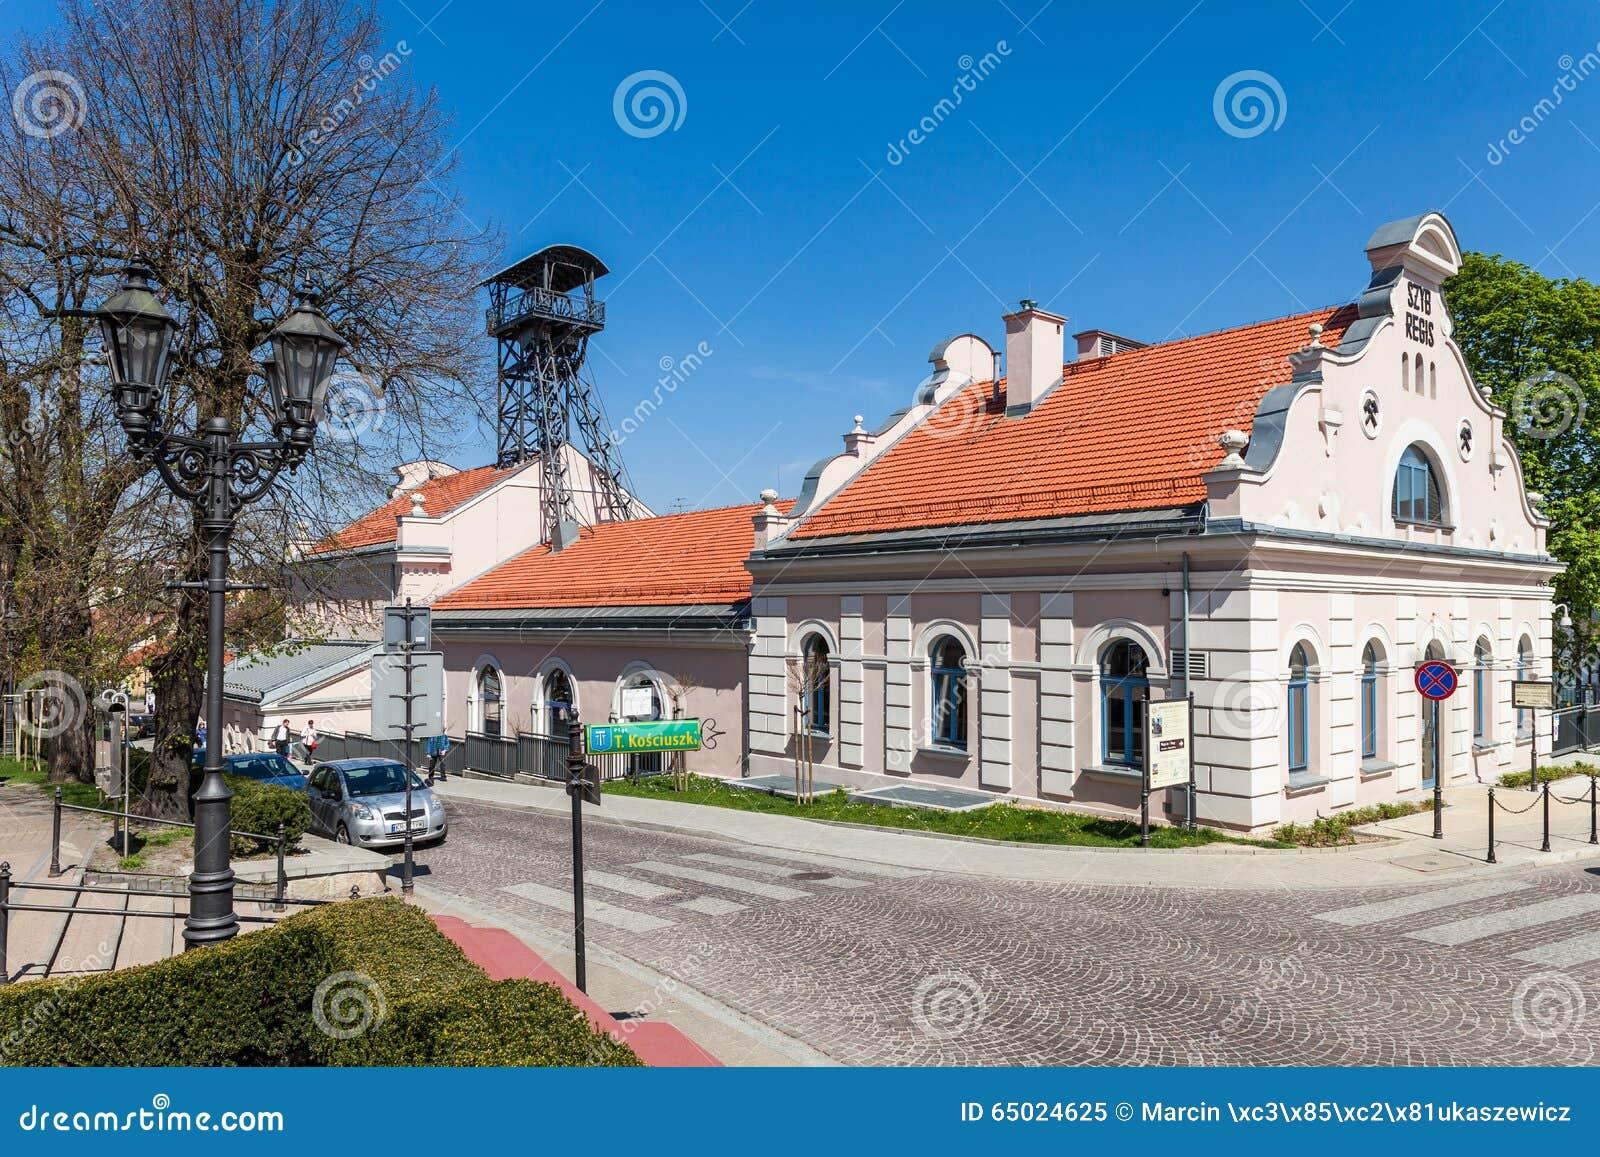 Wieliczka, Polen - Regis Shaft